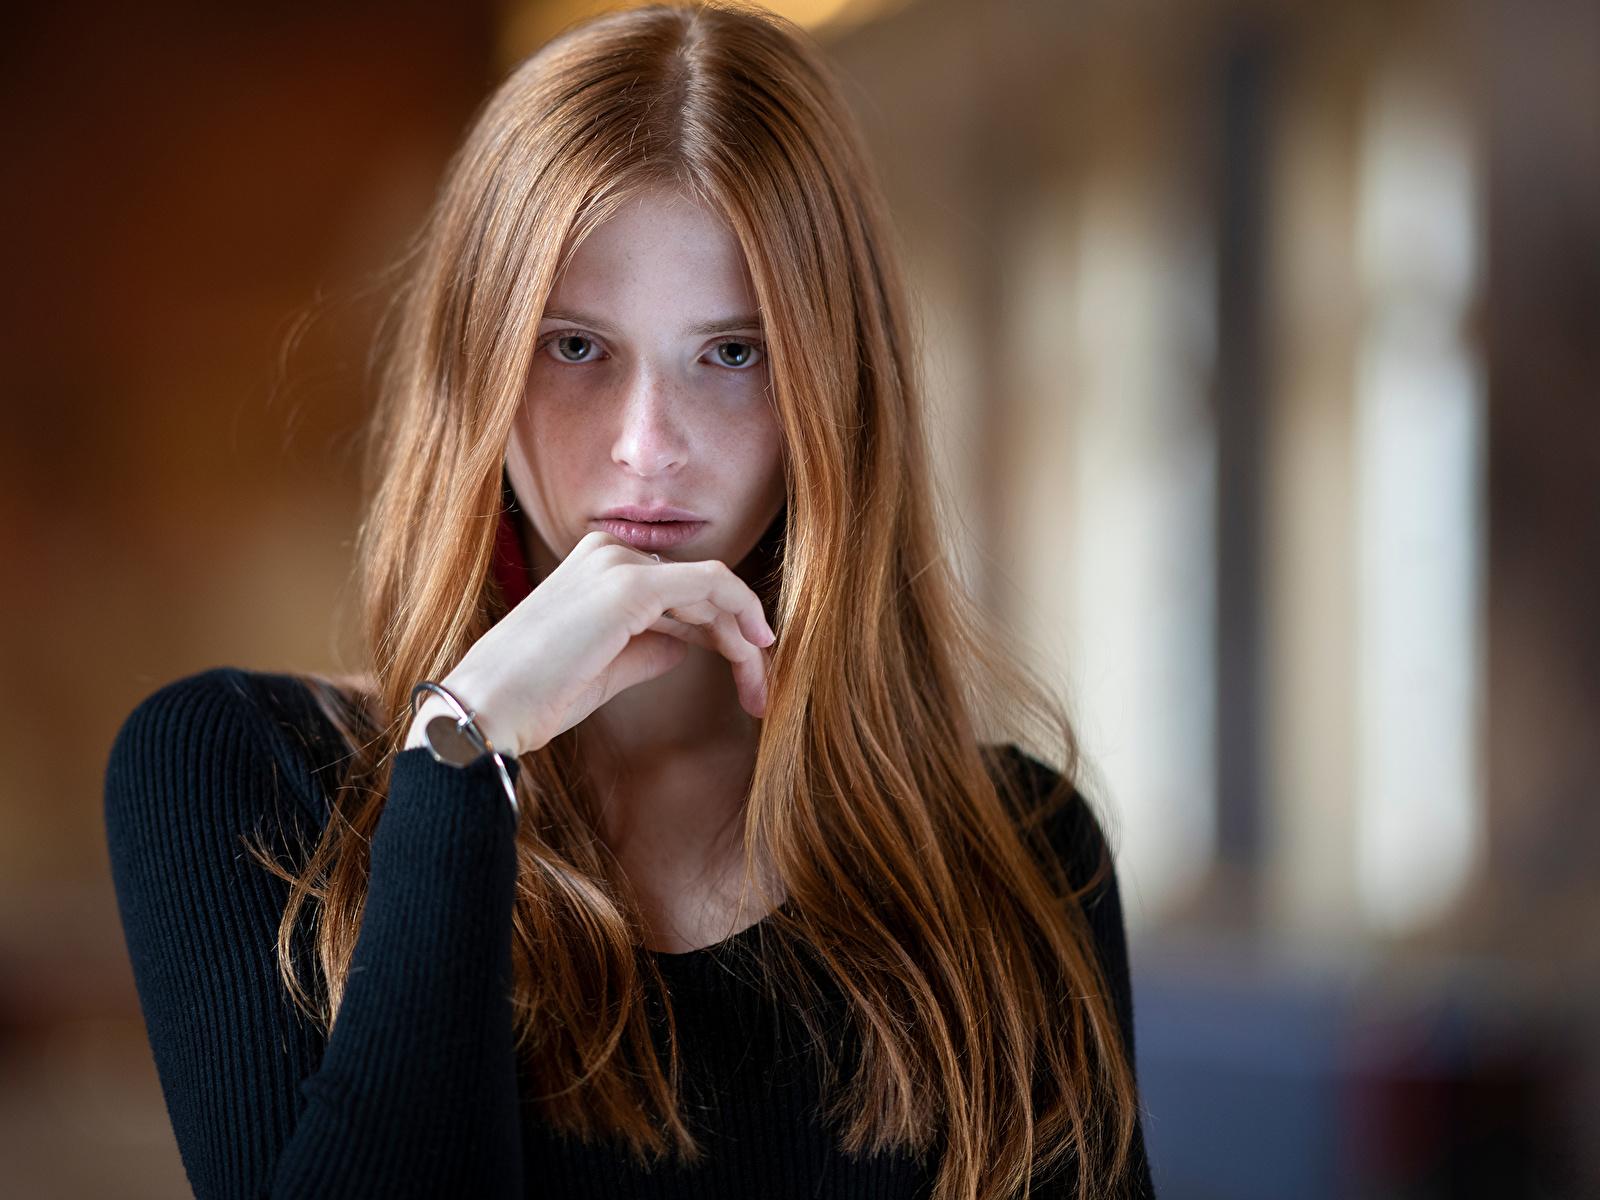 Bilder von Braunhaarige unscharfer Hintergrund Haar junge Frauen Hand Starren 1600x1200 Braune Haare Bokeh Mädchens junge frau Blick